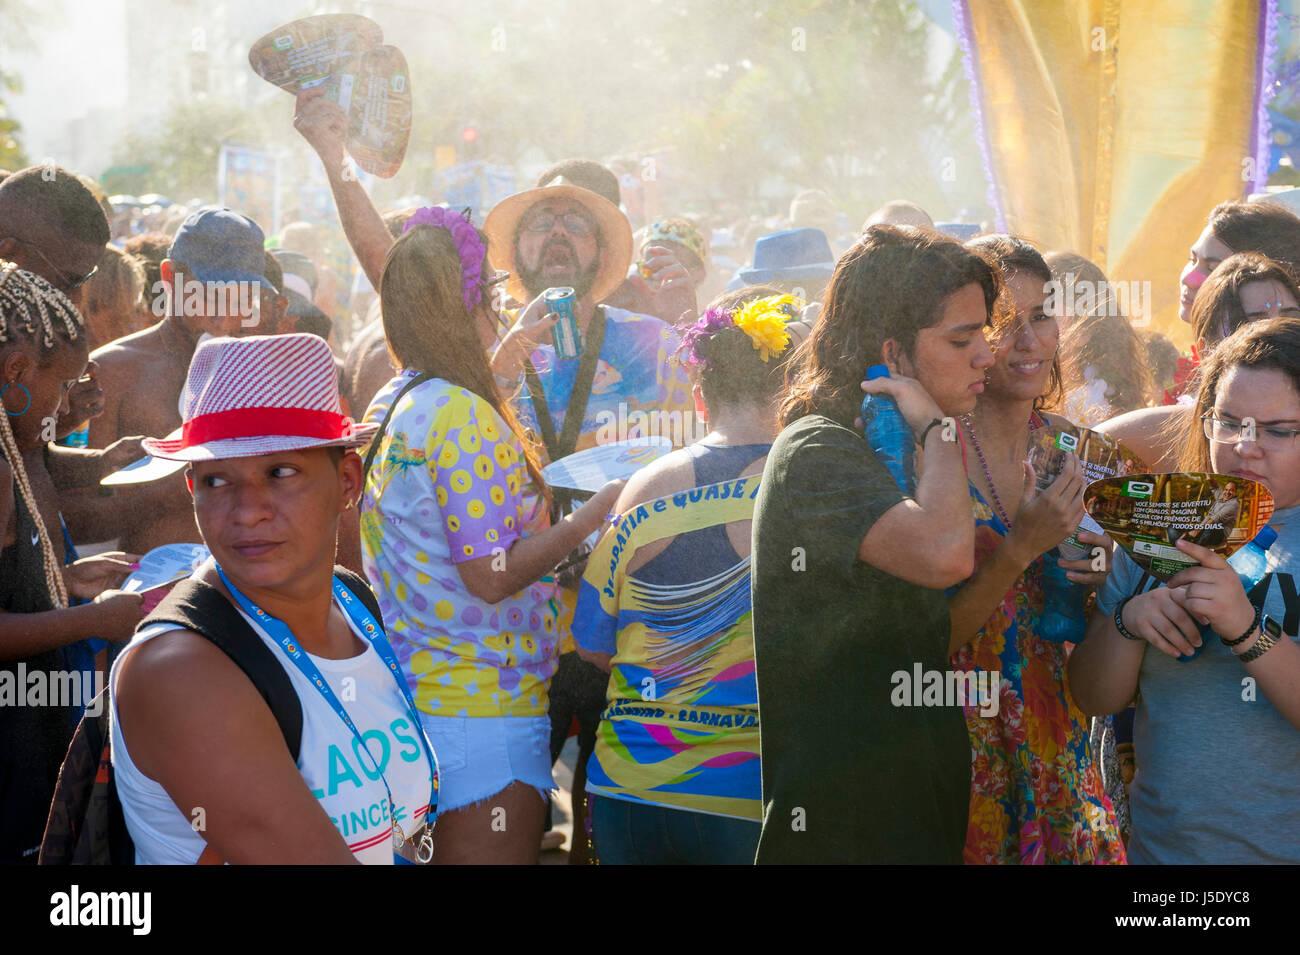 RIO DE JANEIRO - 18 febbraio 2017: un pomeriggio carnival street party in Ipanema richiama folle di giovani brasiliani Immagini Stock